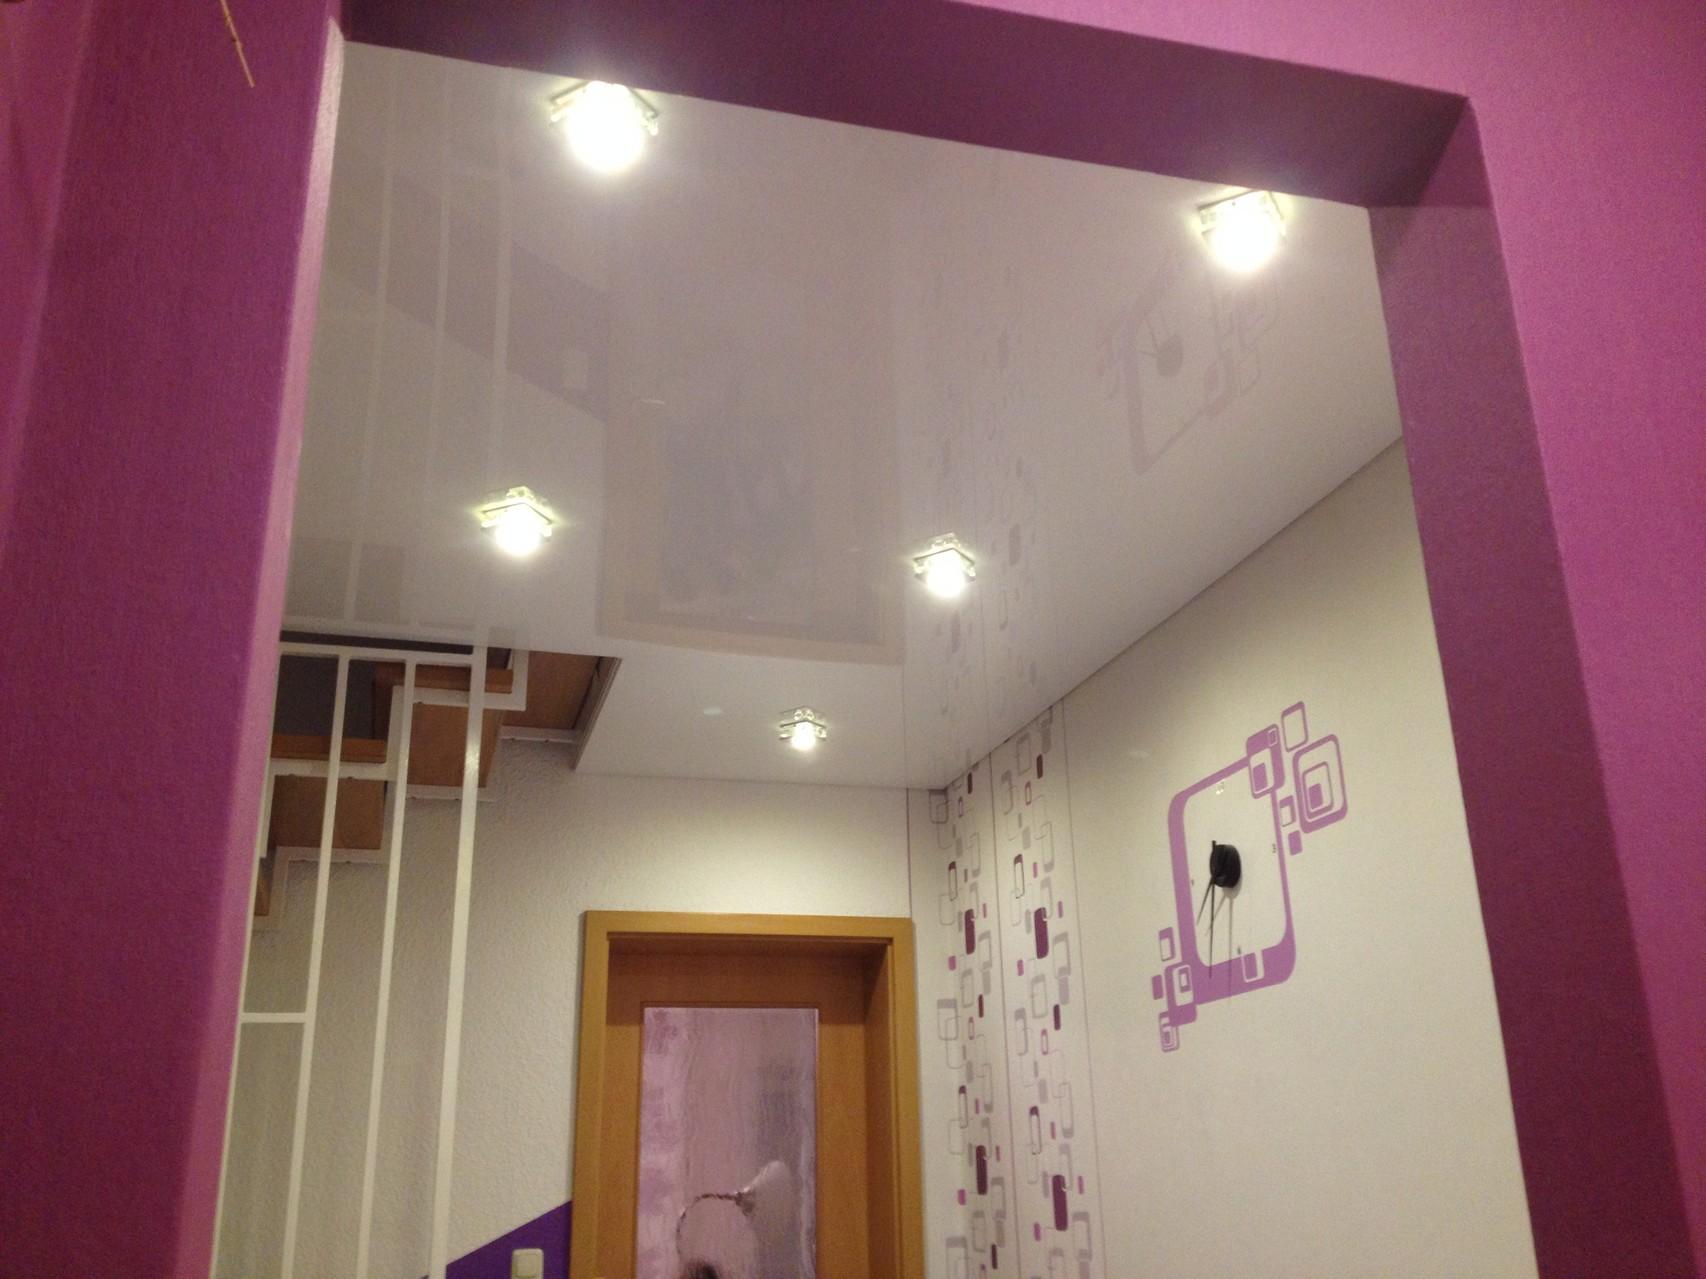 Spanndecke mit Einbaustrahlern weiß glänzend Flur Einfamilienhaus Unna